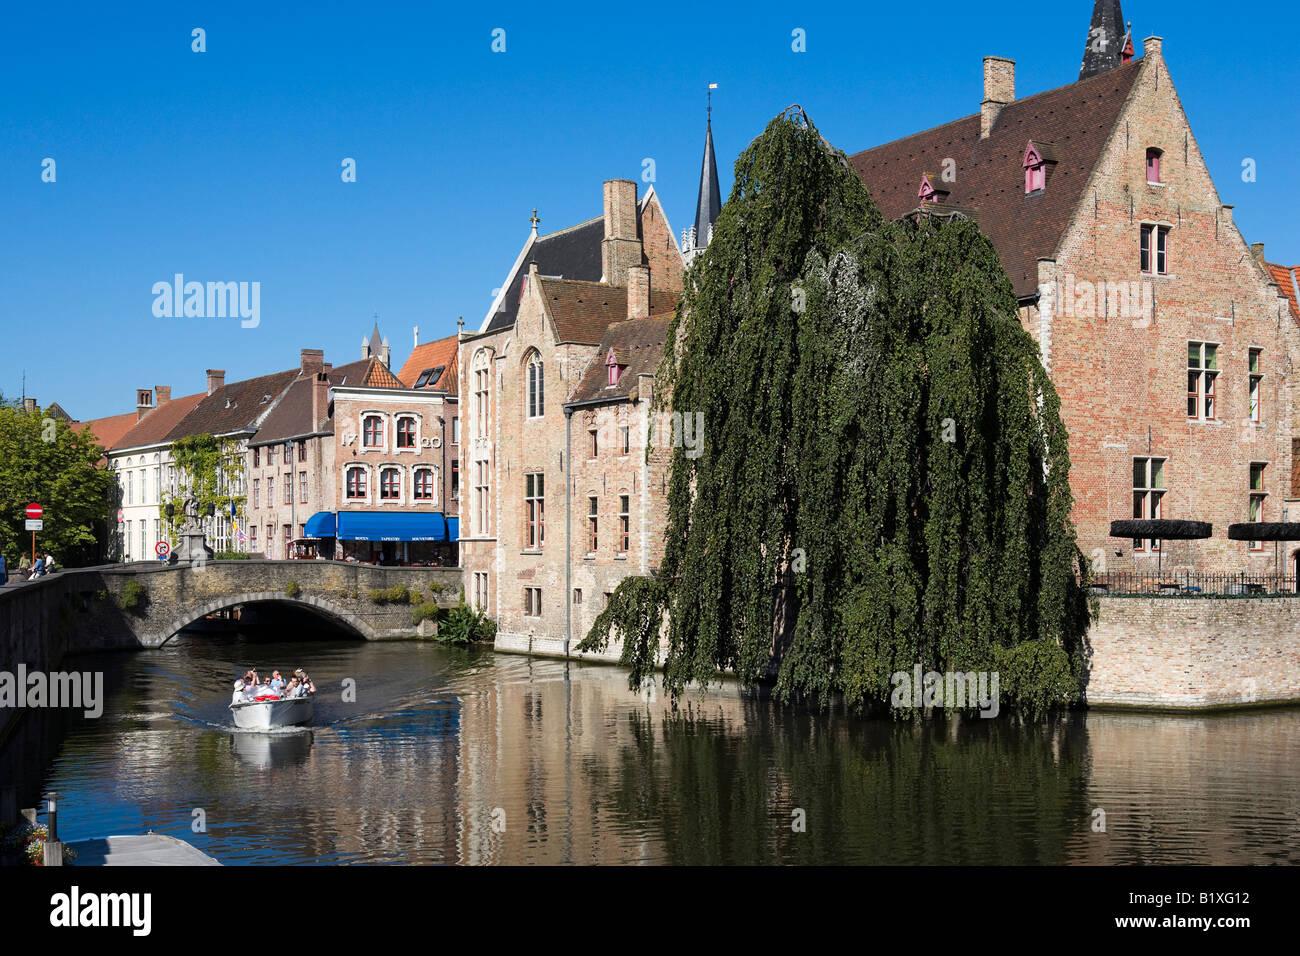 Viaje en barco por el canal, en el casco antiguo de Brujas, Bélgica Imagen De Stock